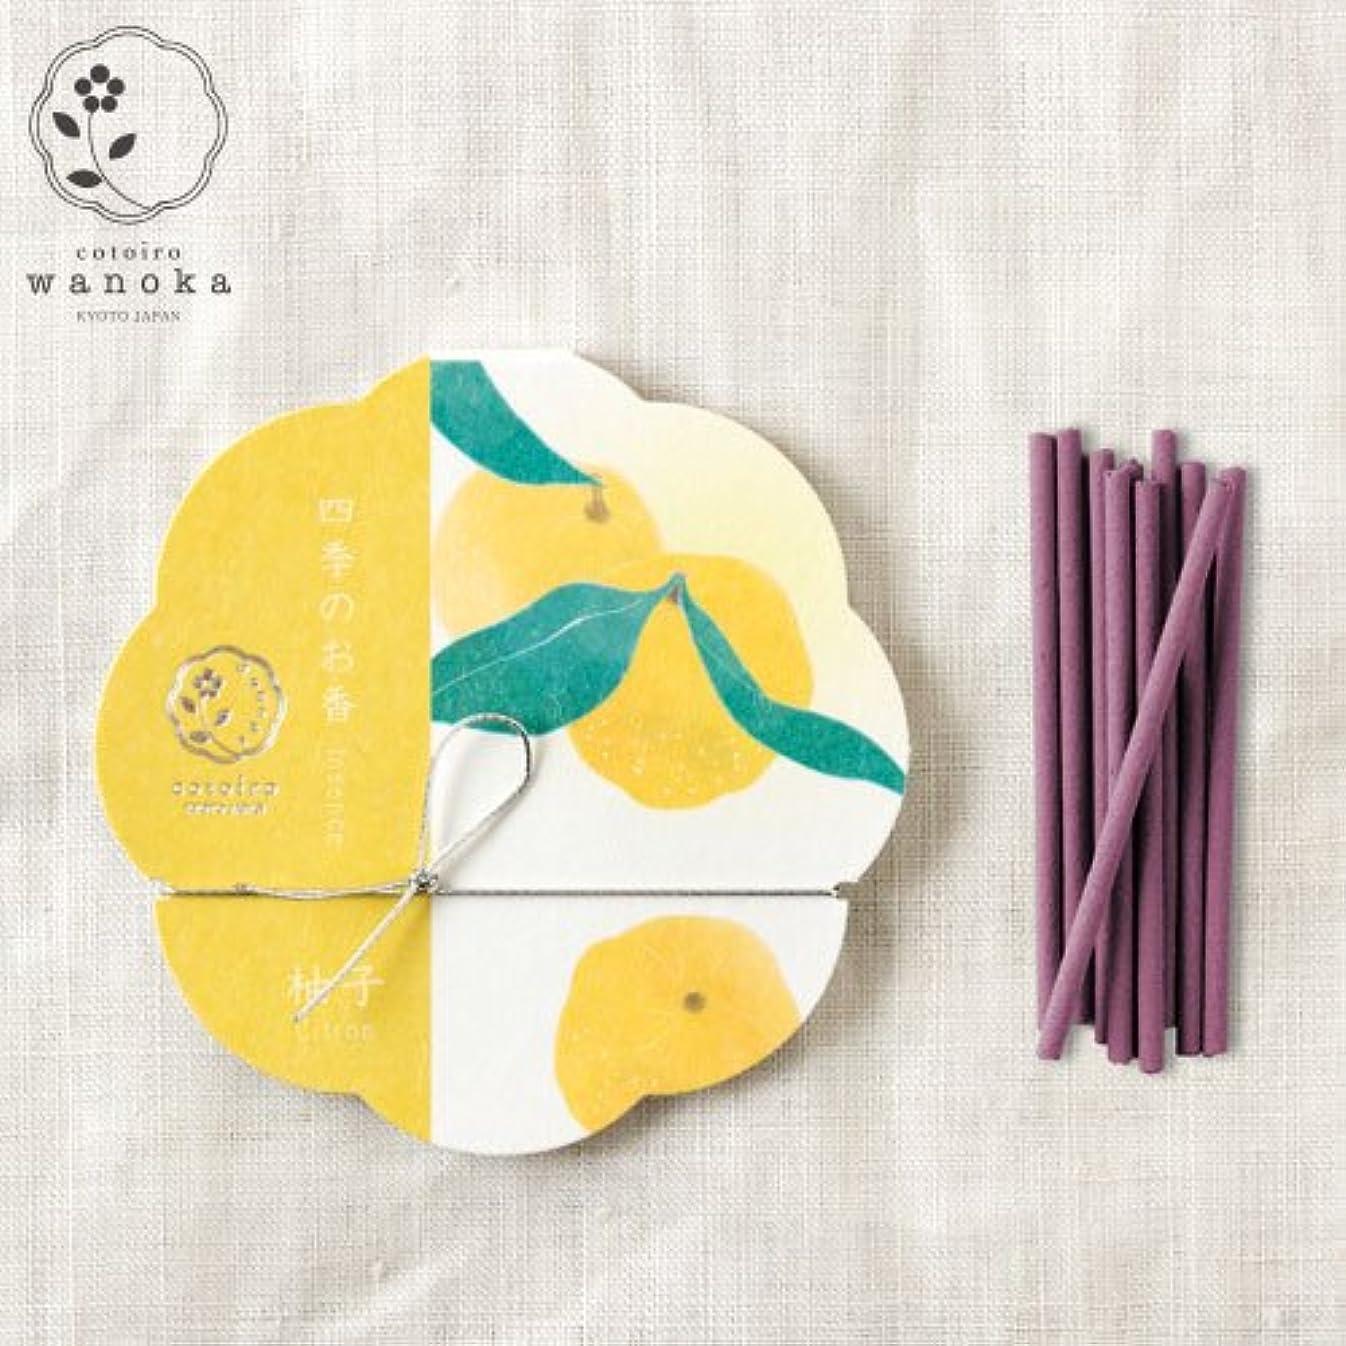 象中央値品種wanoka四季のお香(インセンス)柚子《柚子をイメージした柑橘系の香り》ART LABIncense stick